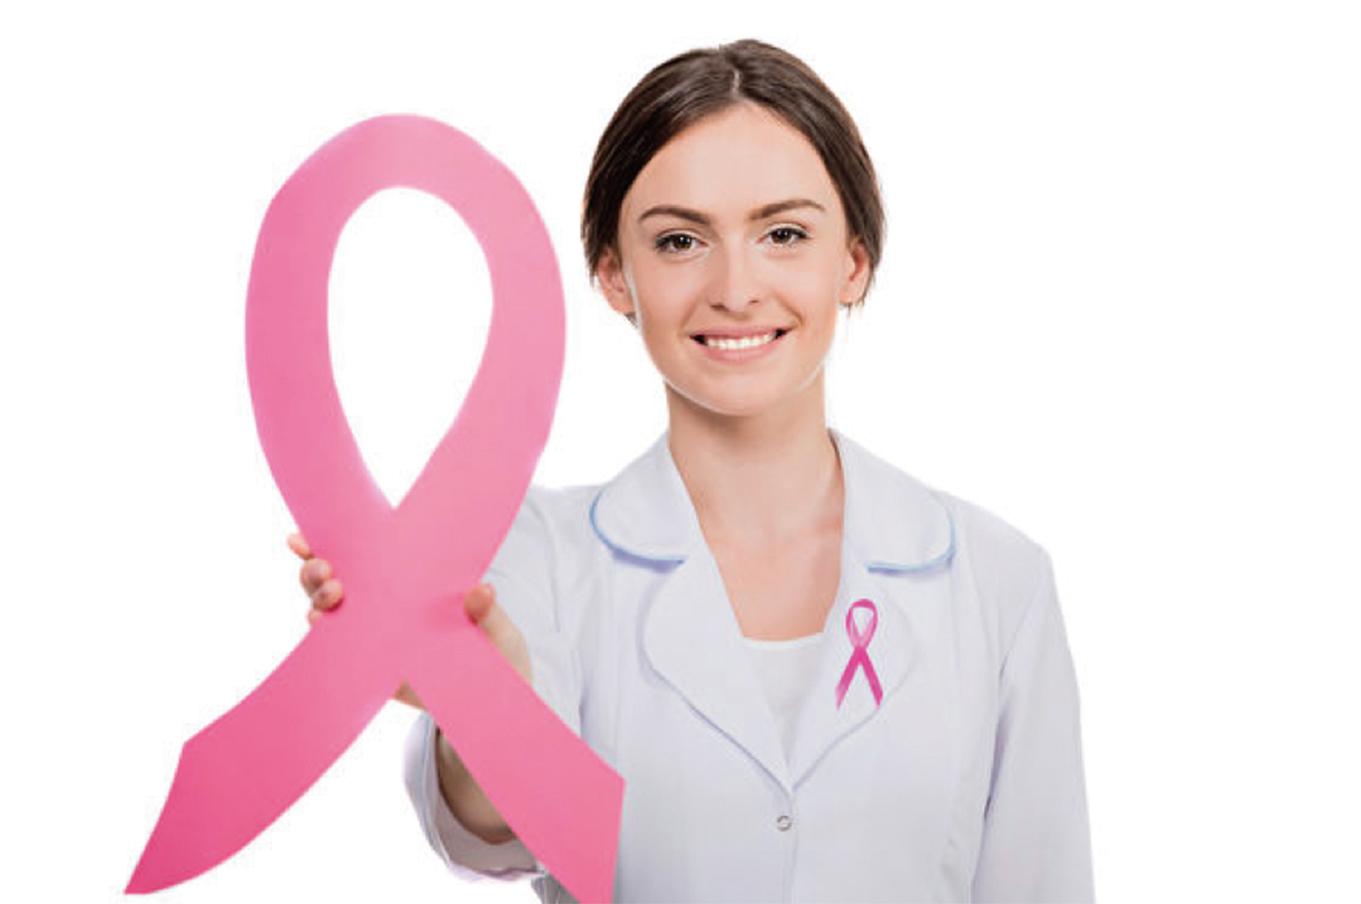 香港乳癌資料庫的研究團隊公佈了一項關於乳癌風險因素的實驗結果顯示,感到高度精神壓力的婦女,罹患乳癌的風險比一般婦女高出2.4倍。(123RF)